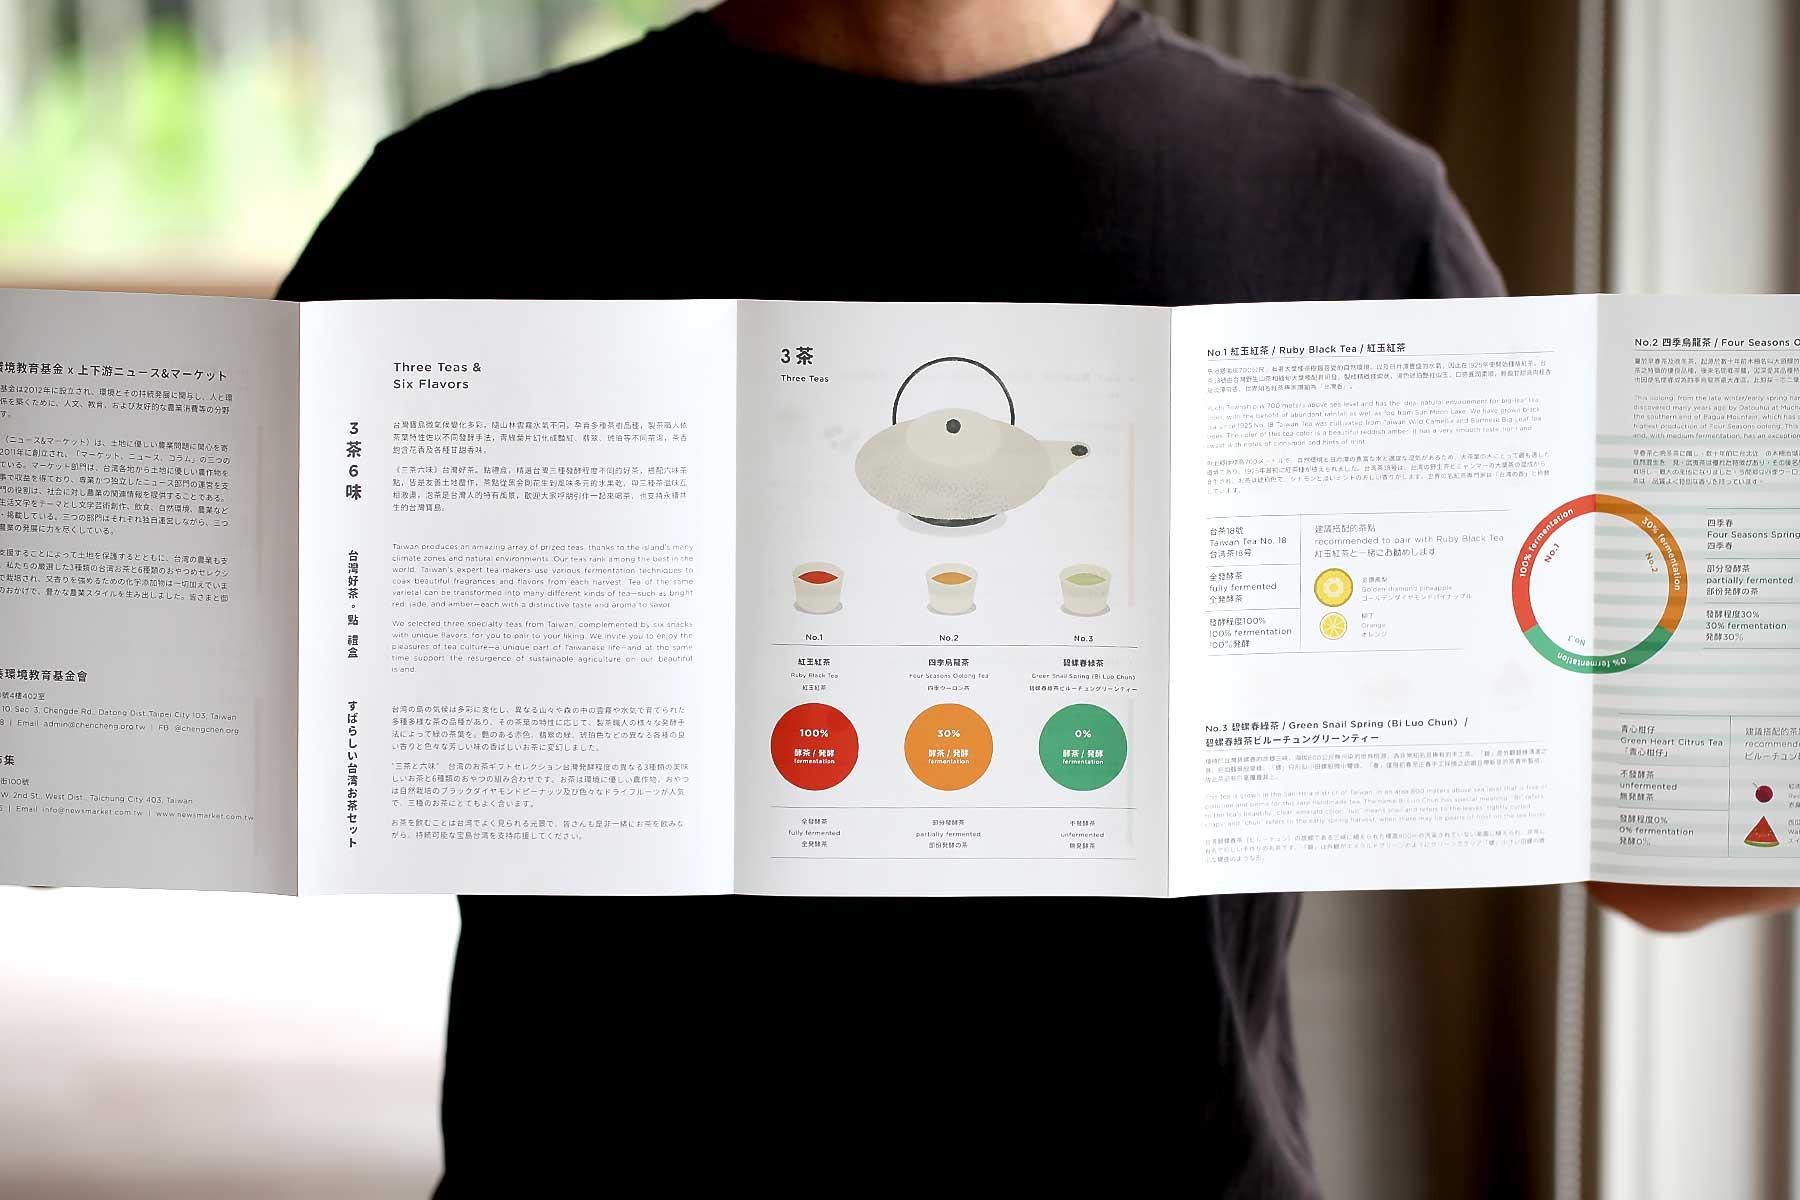 中英日三國語言手冊的三茶介紹